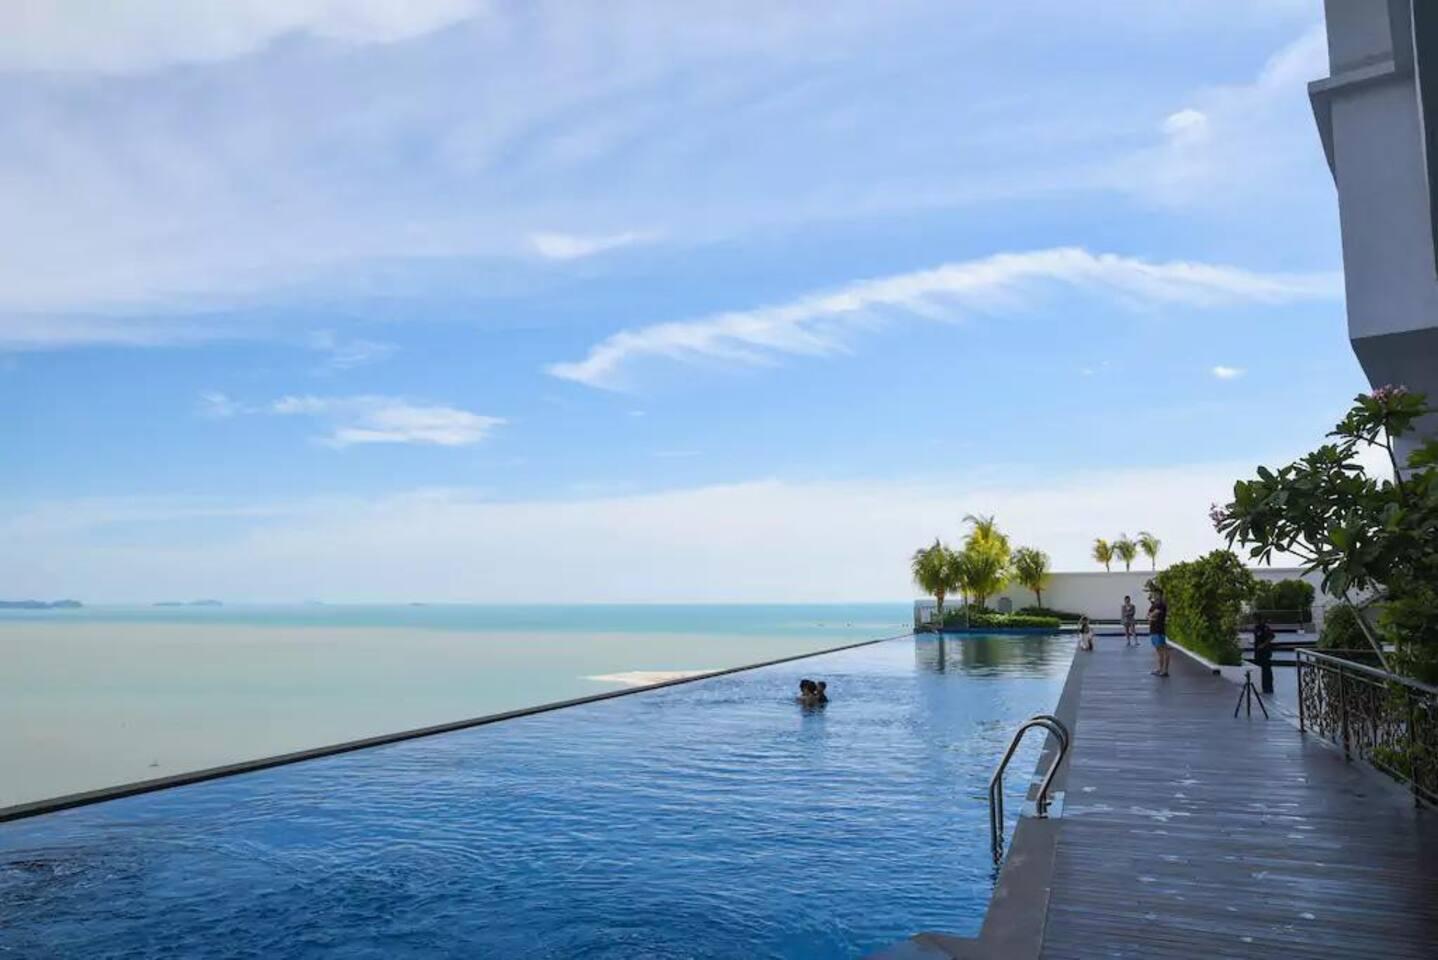 Swimming pool 游泳池 (level 13)